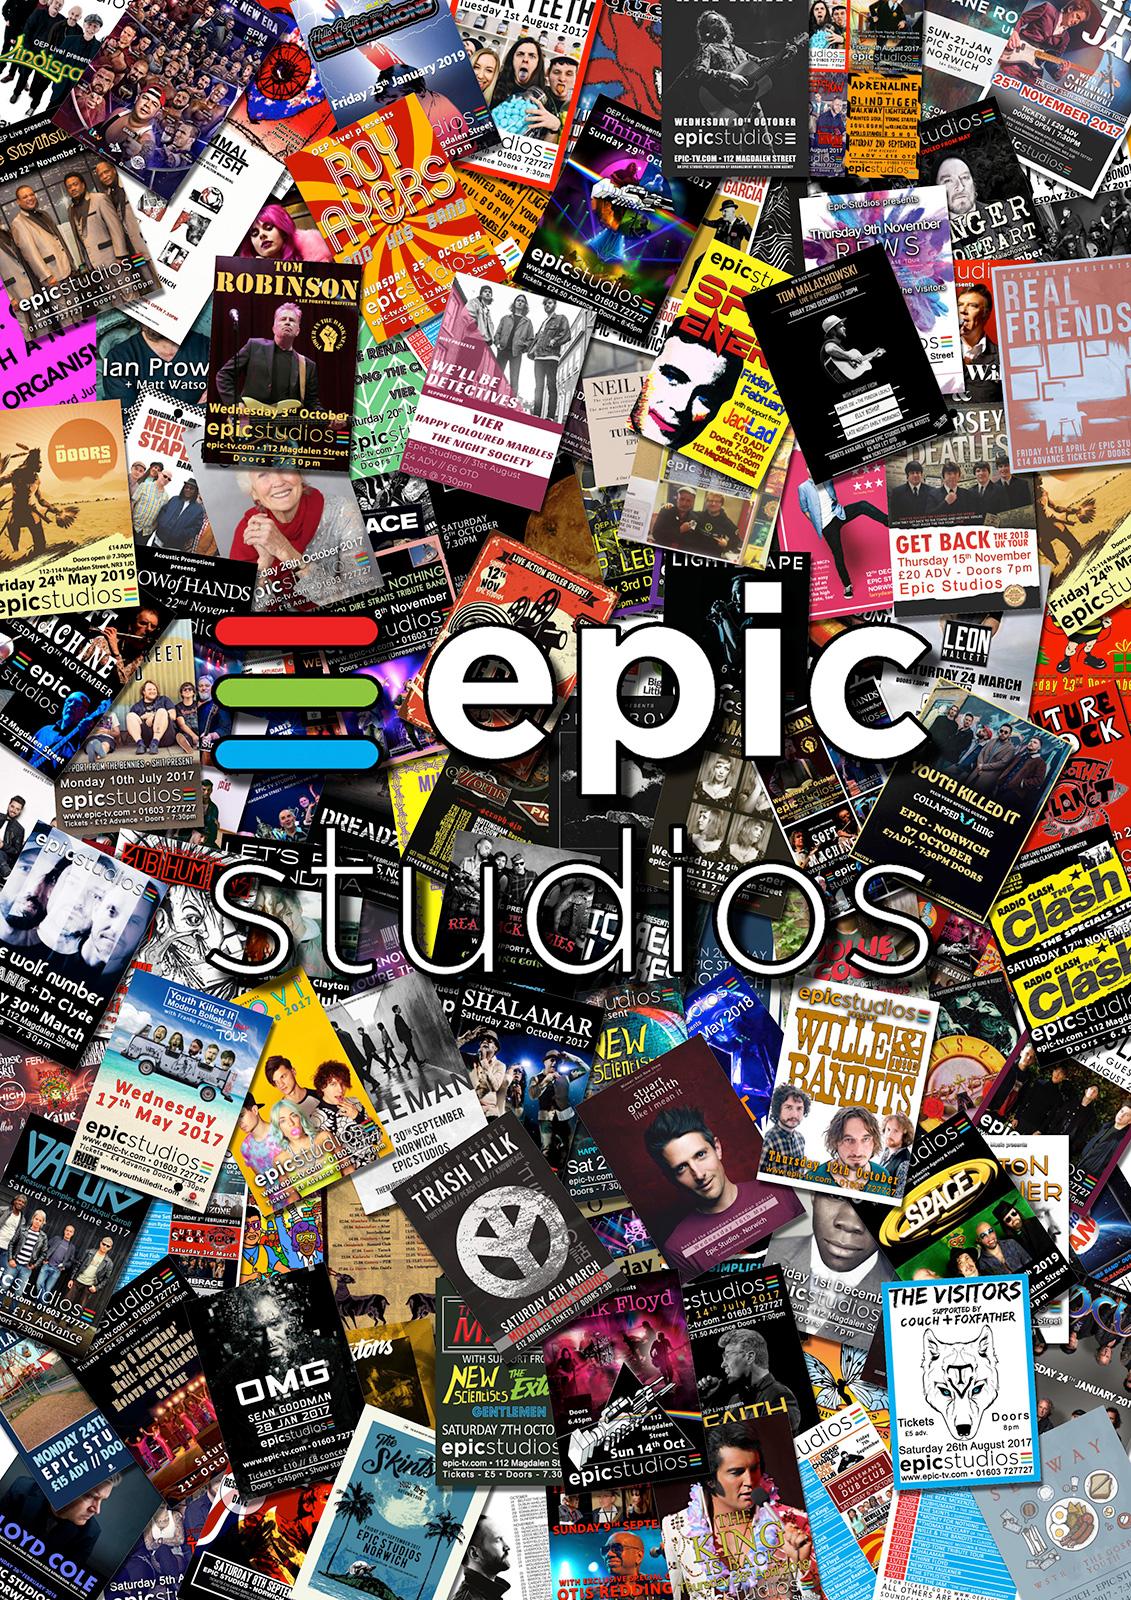 Epic Studios in Norwich.